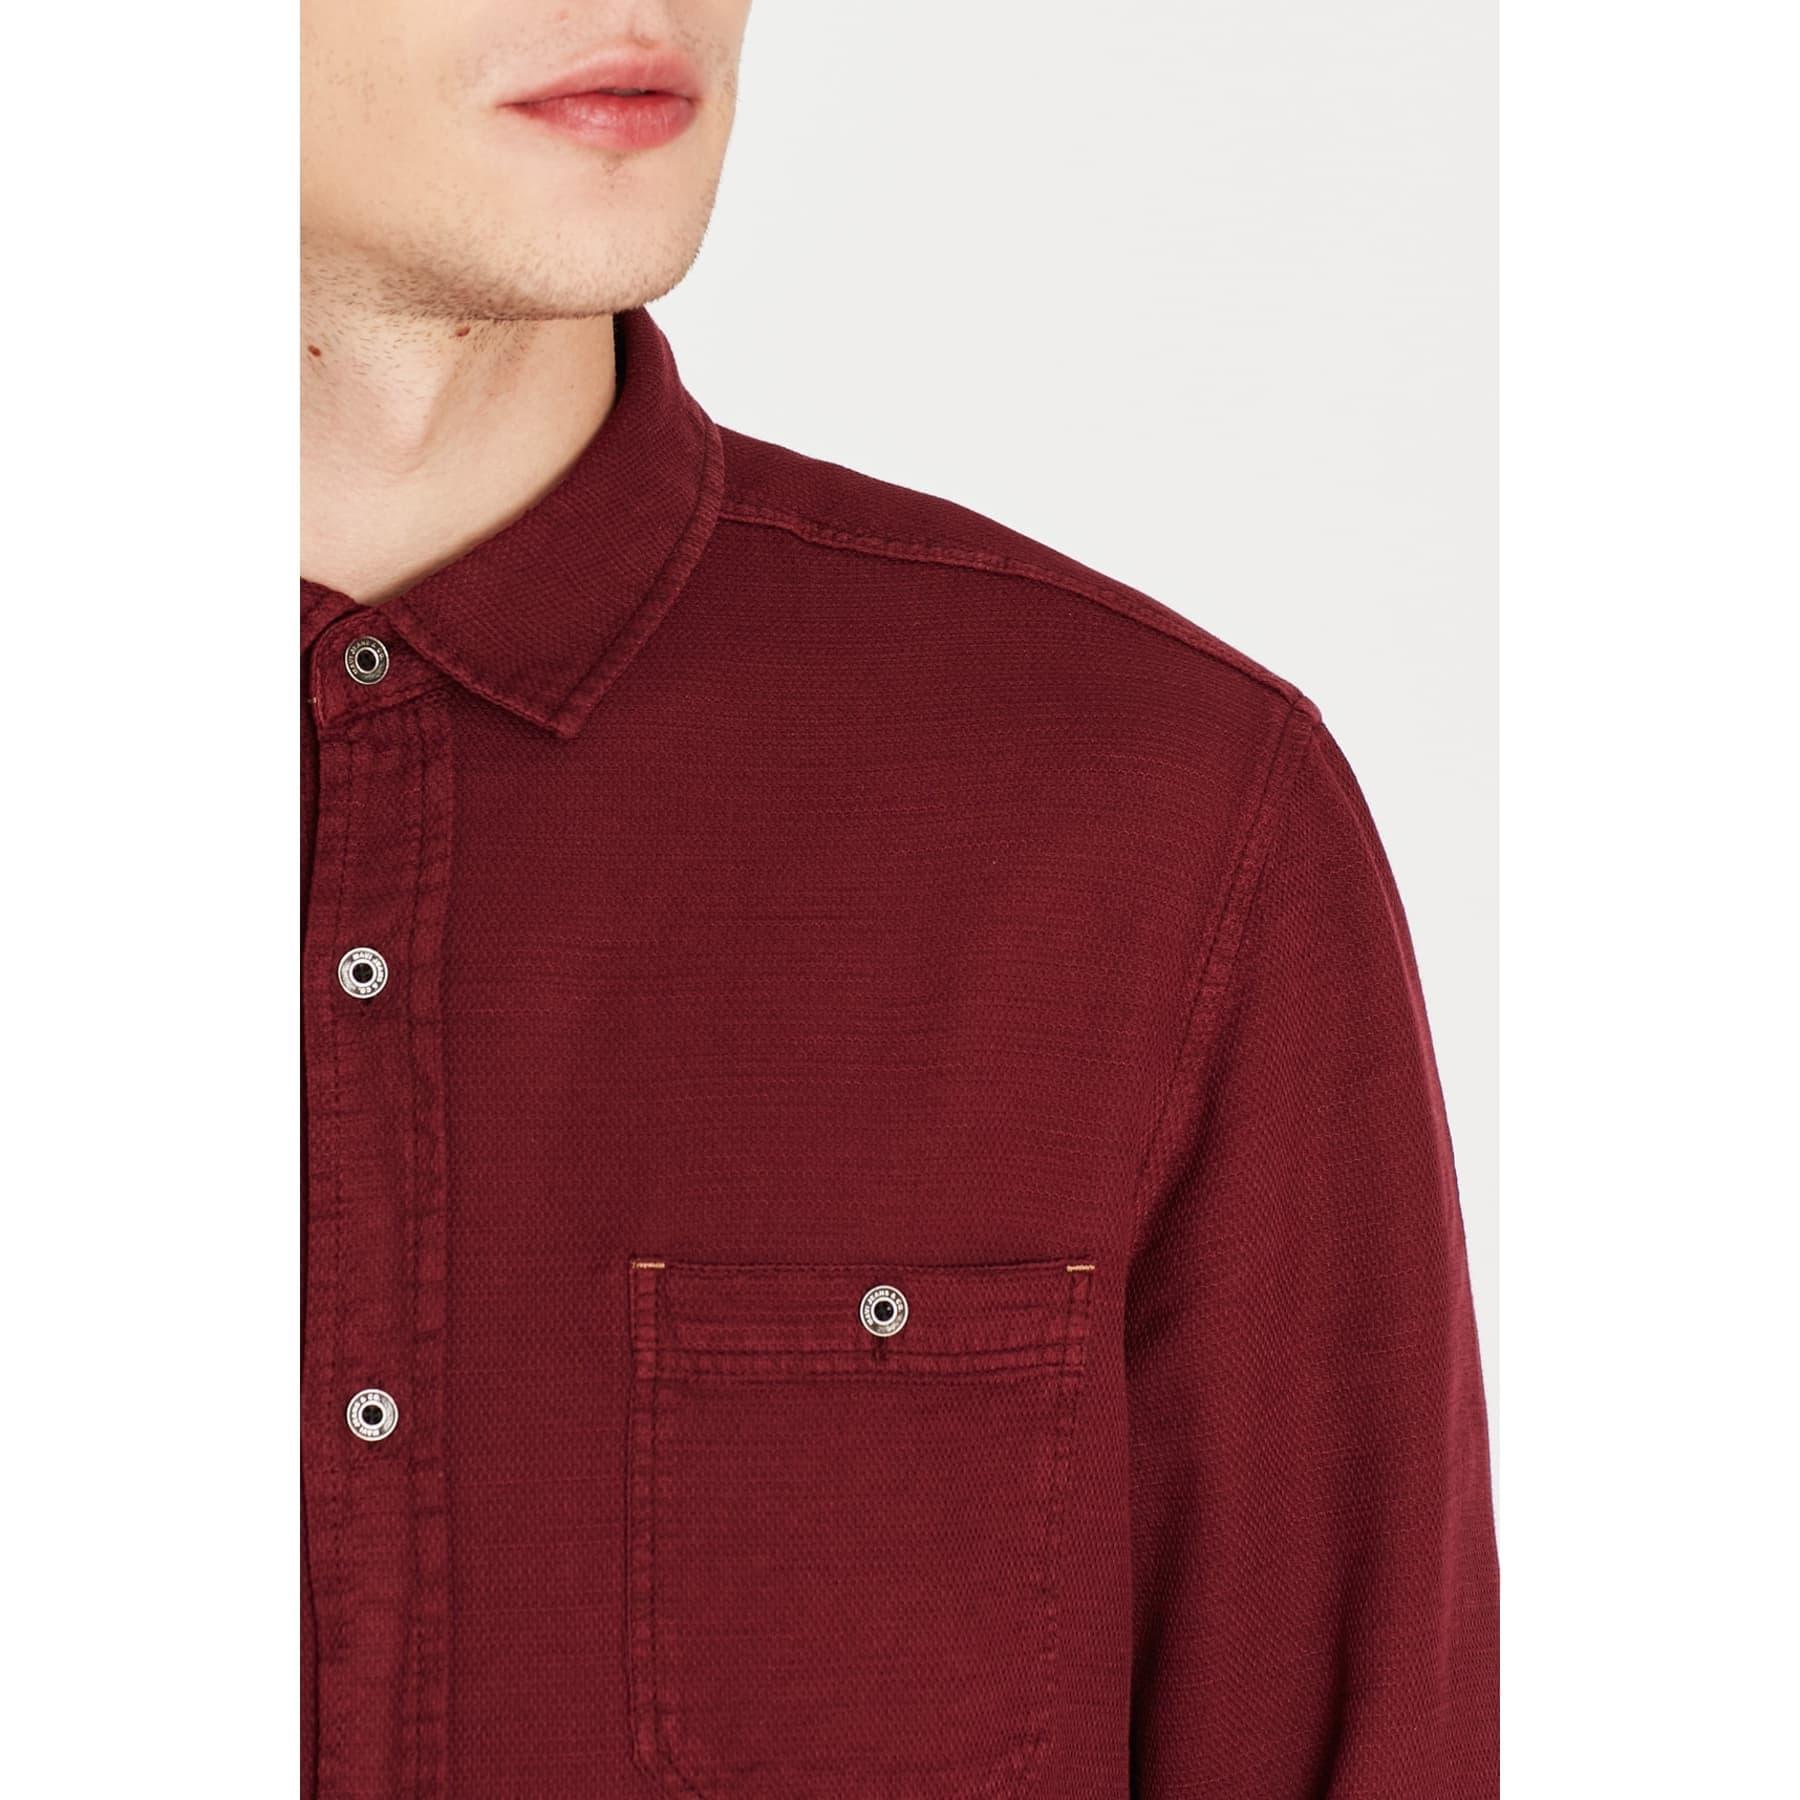 Tek Cepli Gömlek Kış Bordosu